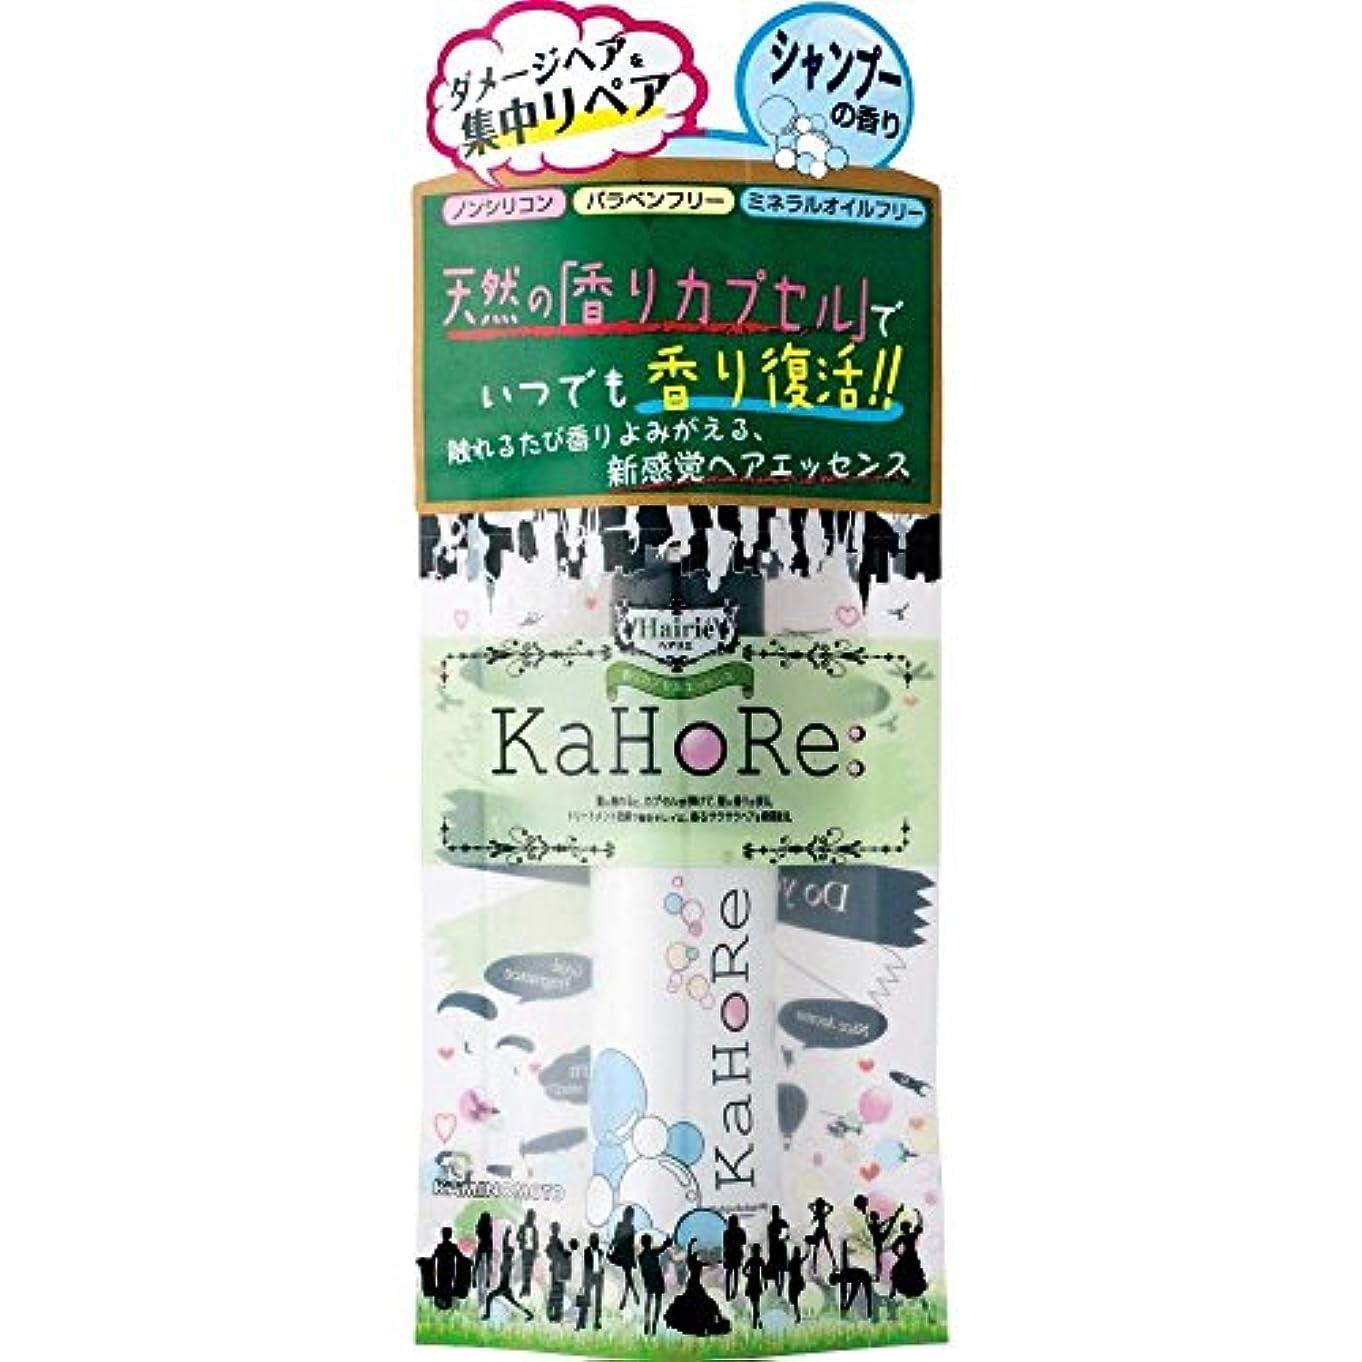 に関してハイジャック買い物に行くヘアリエ KaHoRe ヘアエッセンス 洗いたてのシャンプーの香り 30g×3個